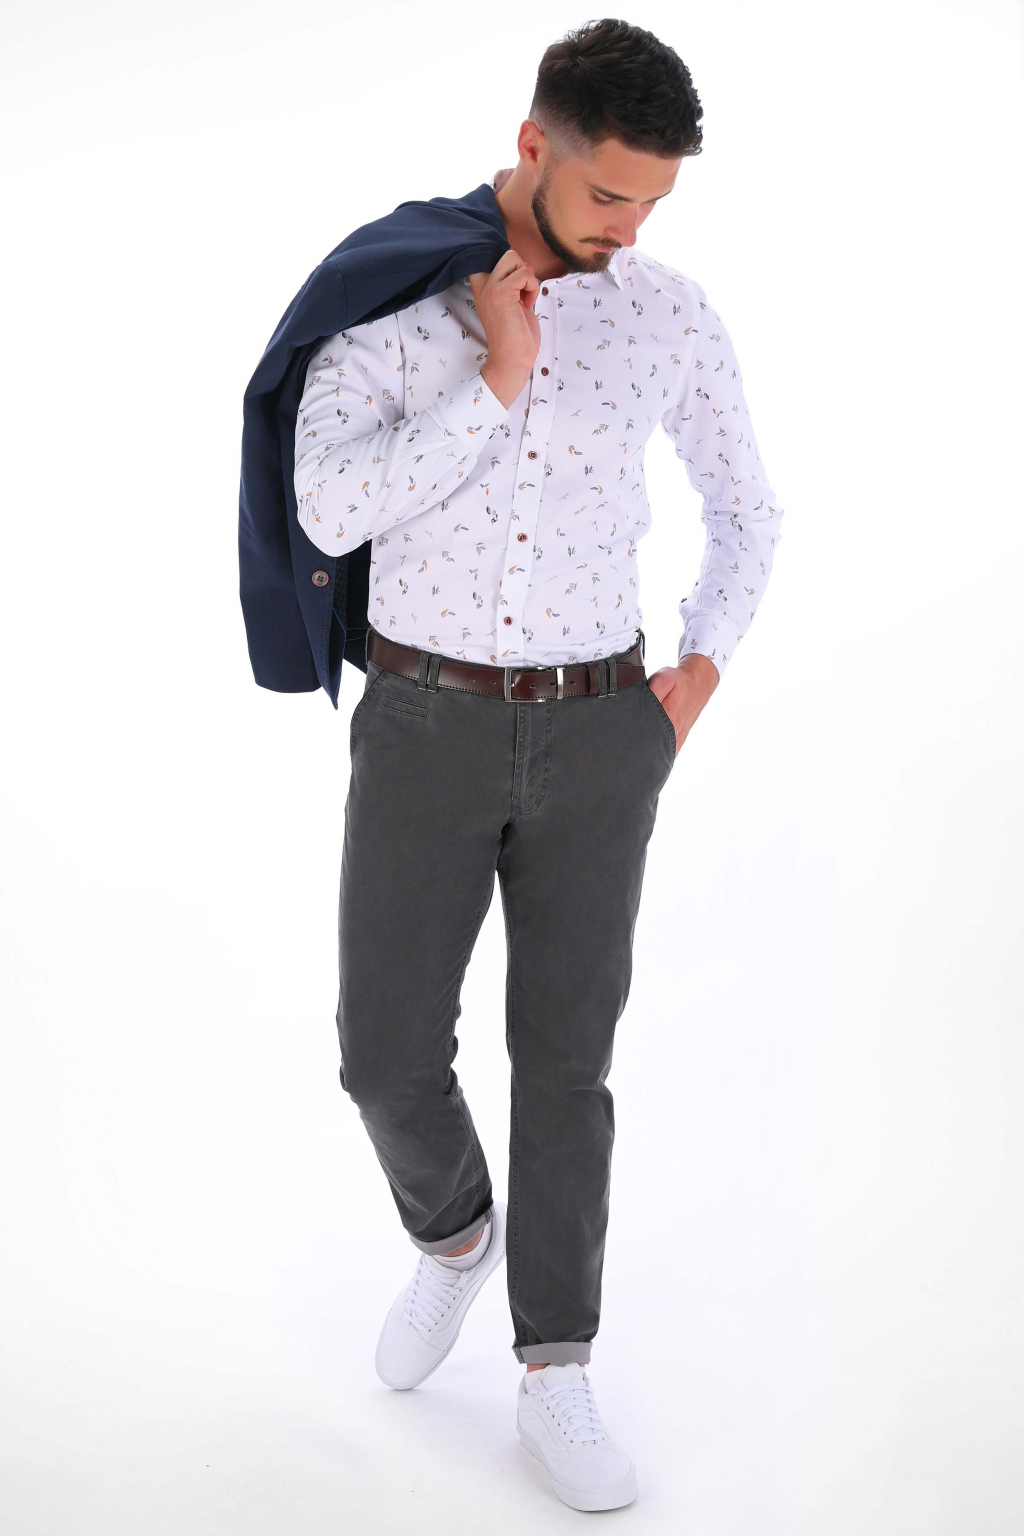 Šedé nohavice Chinos ULTRA SLIM strih, bavlna stretch